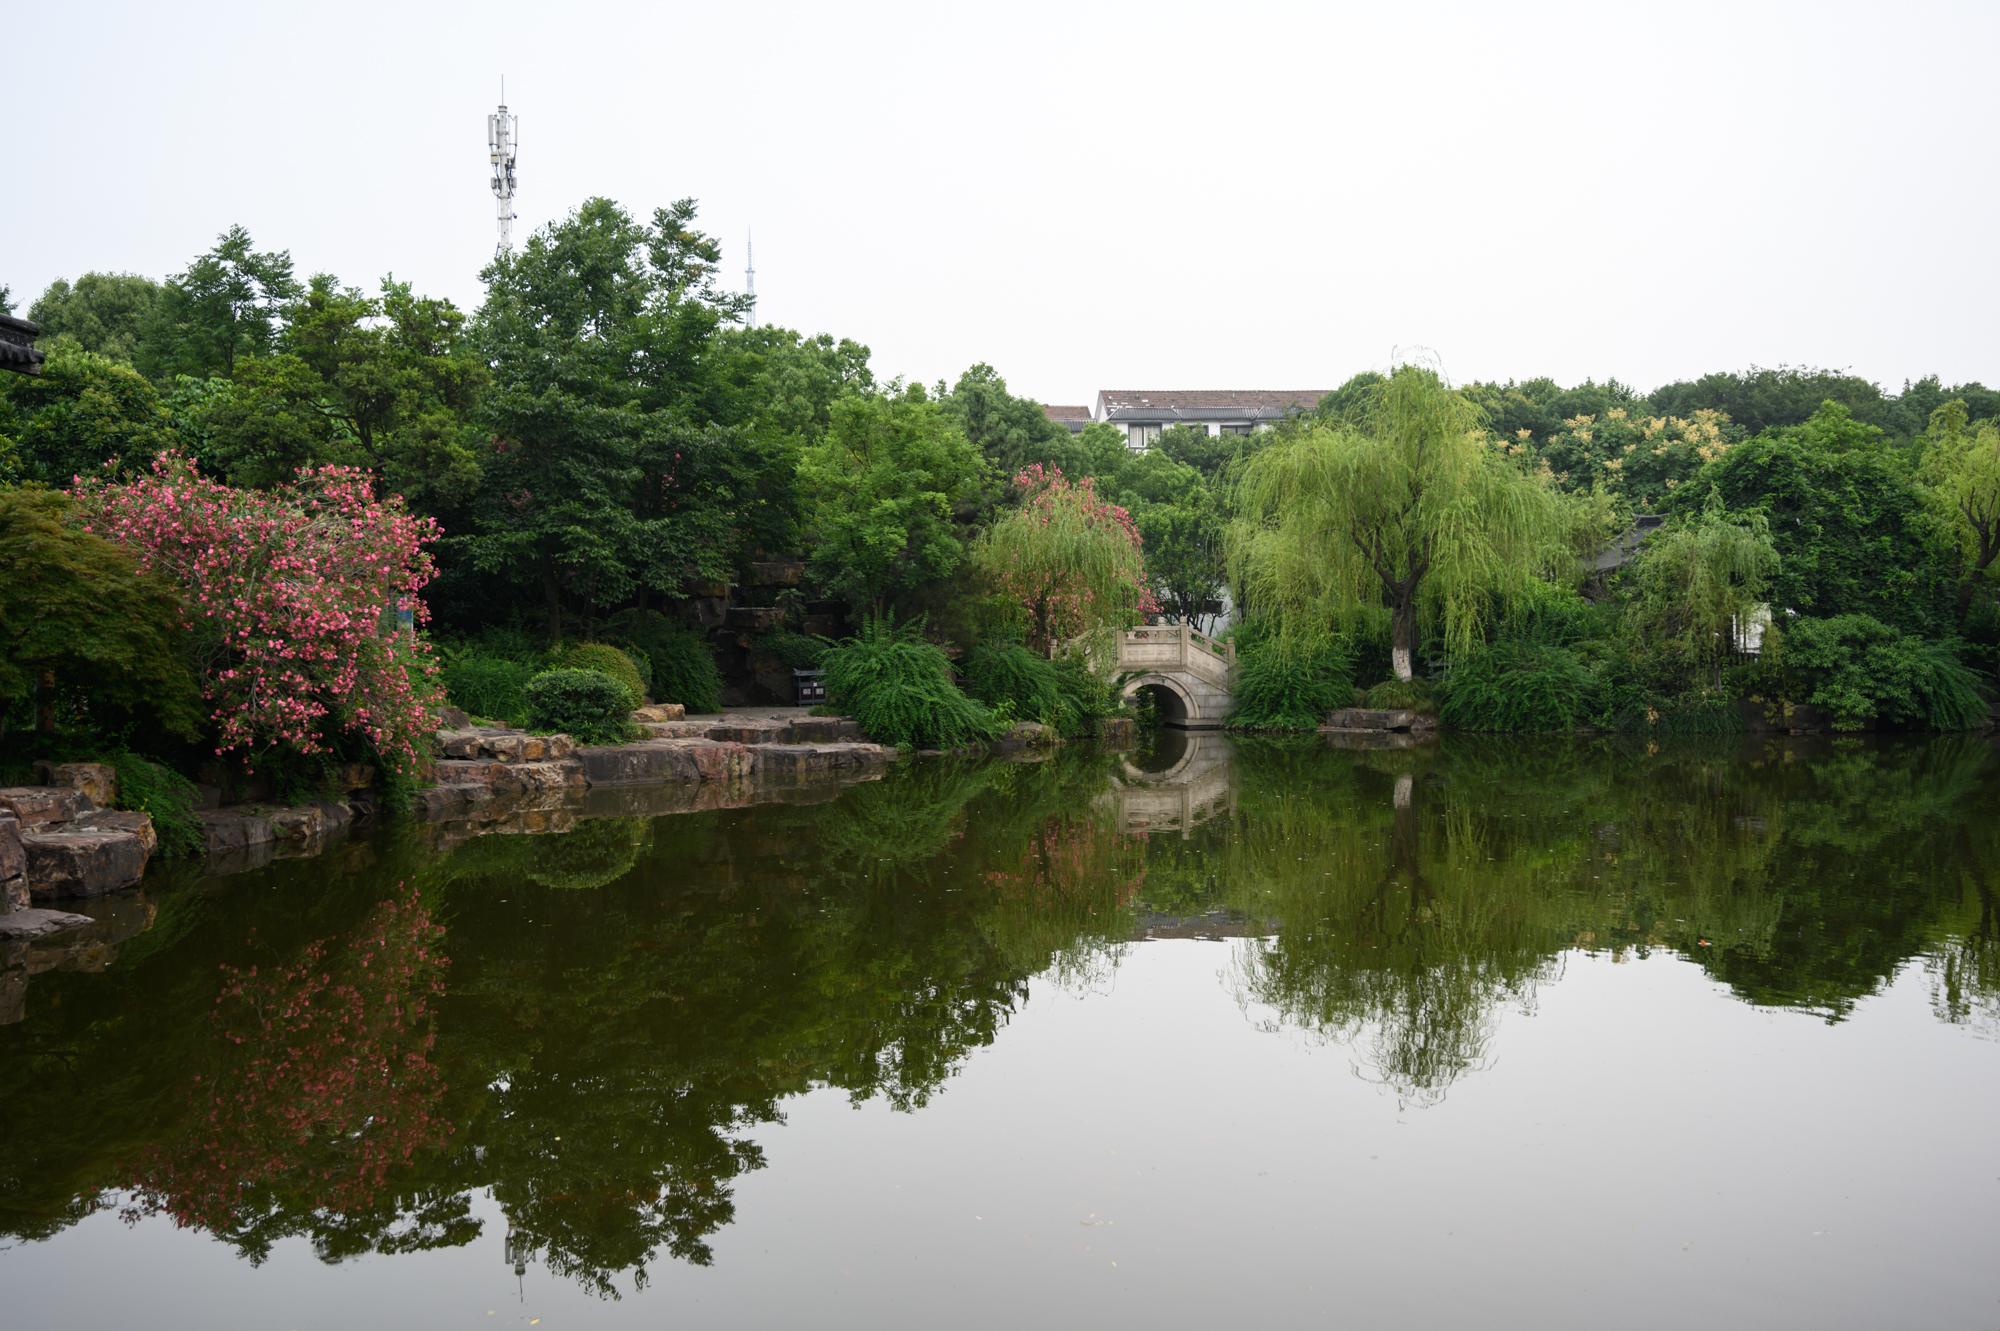 江阴兴国园,隐于闹市区的一处公园,犹如一座